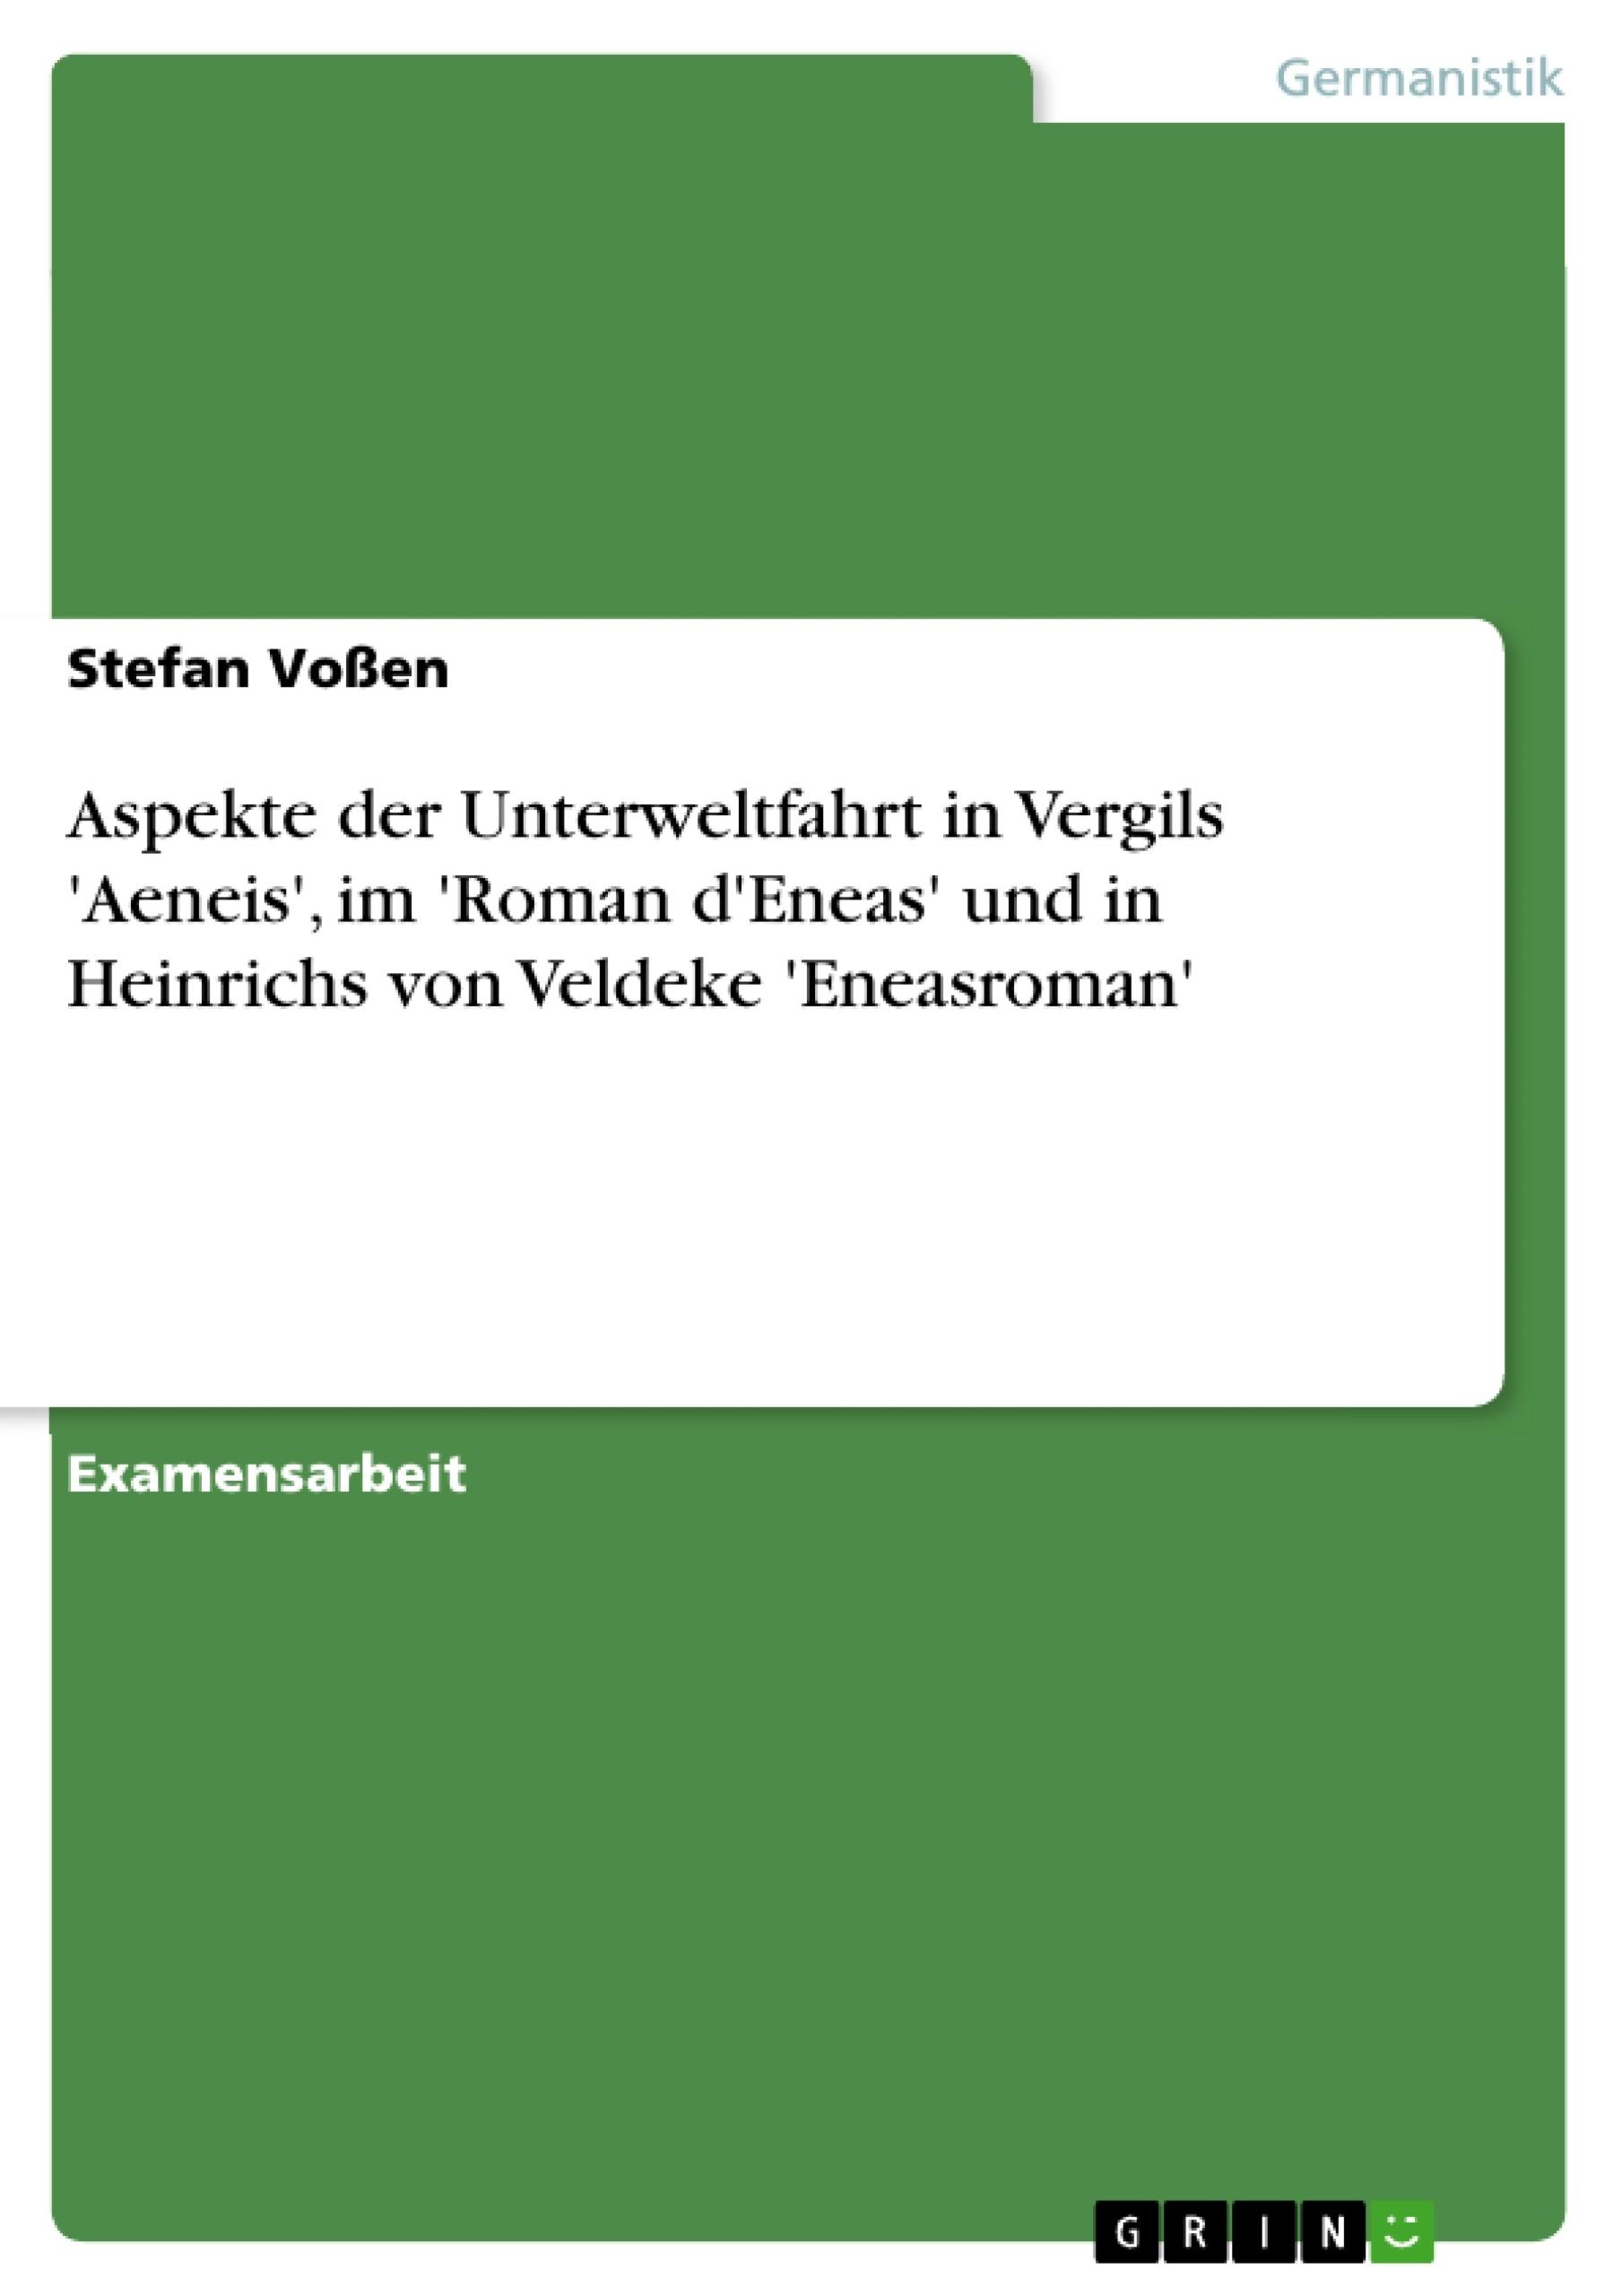 Titel: Aspekte der Unterweltfahrt in Vergils 'Aeneis', im 'Roman d'Eneas' und in Heinrichs von Veldeke 'Eneasroman'